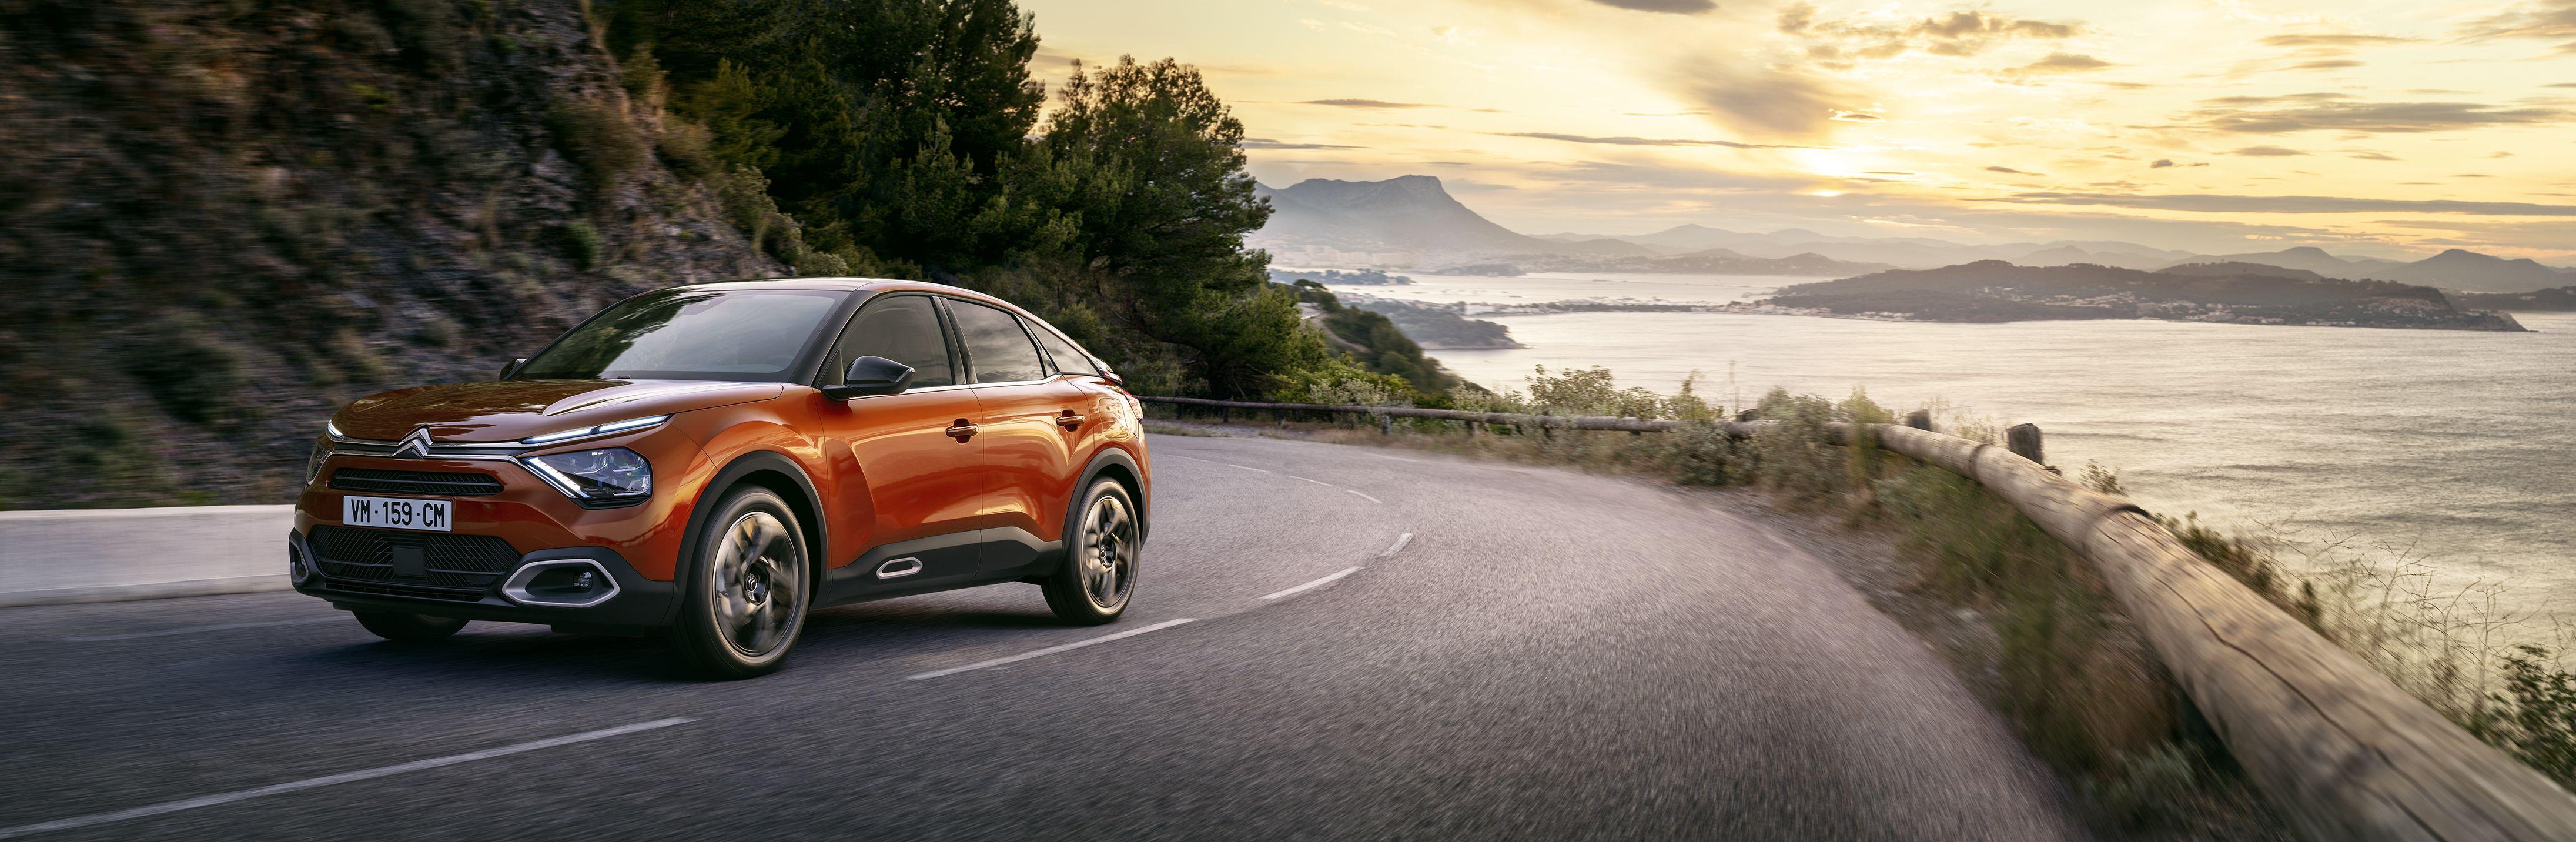 La nouvelle Citroën Ë-C4 est enfin dévoilée !